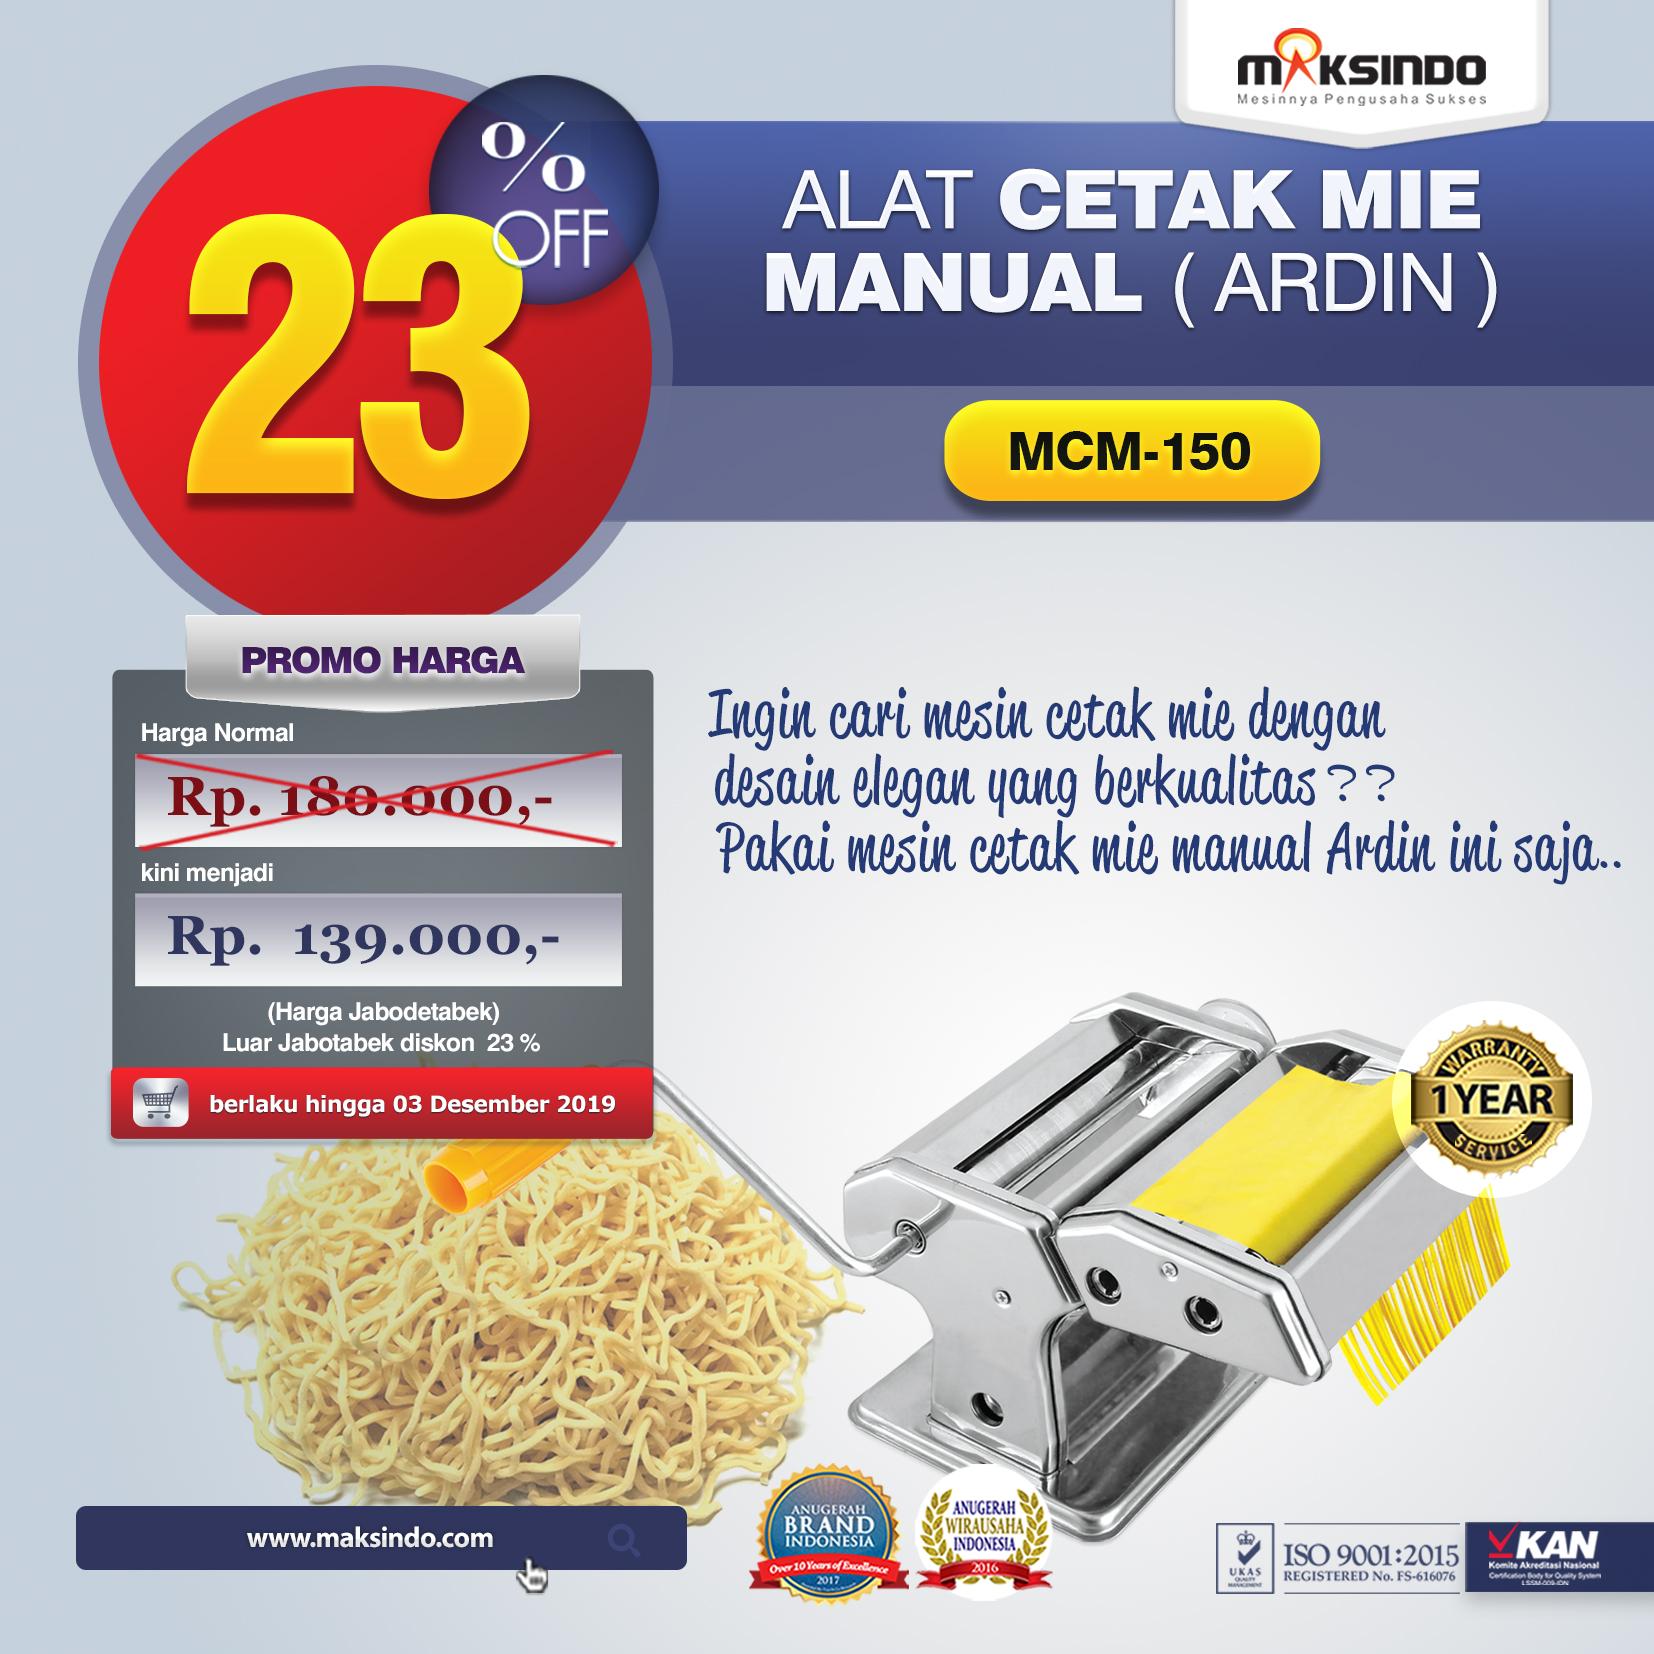 MCM-150 Alat Cetak Mie Manual Ardin